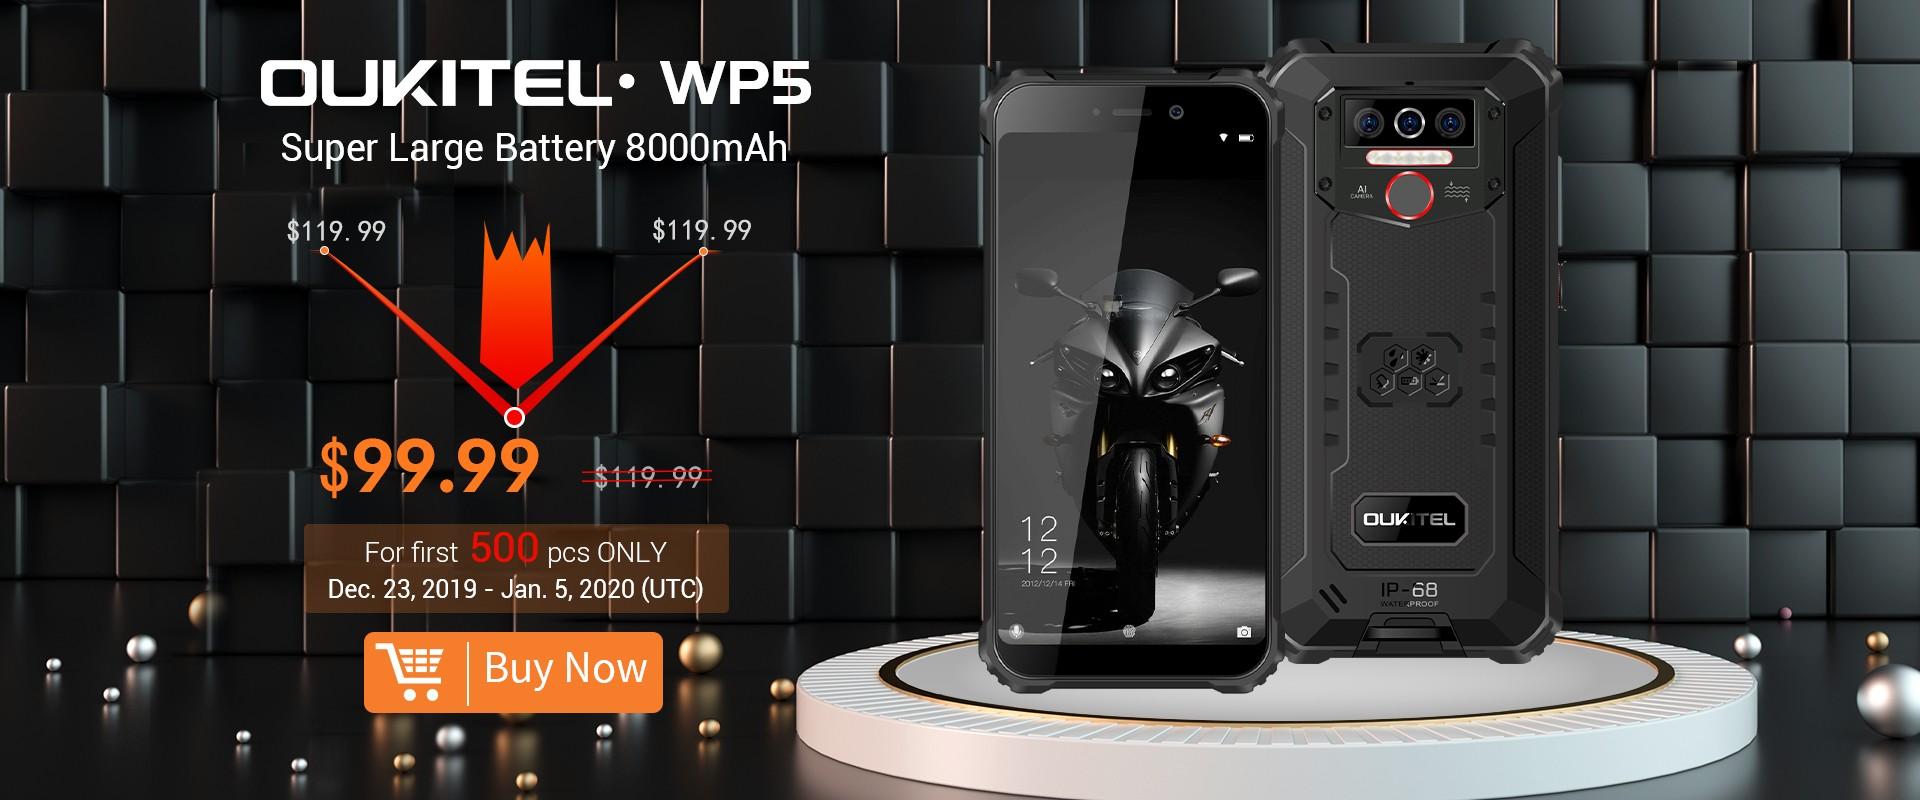 Oukitel WP5 vásárlás